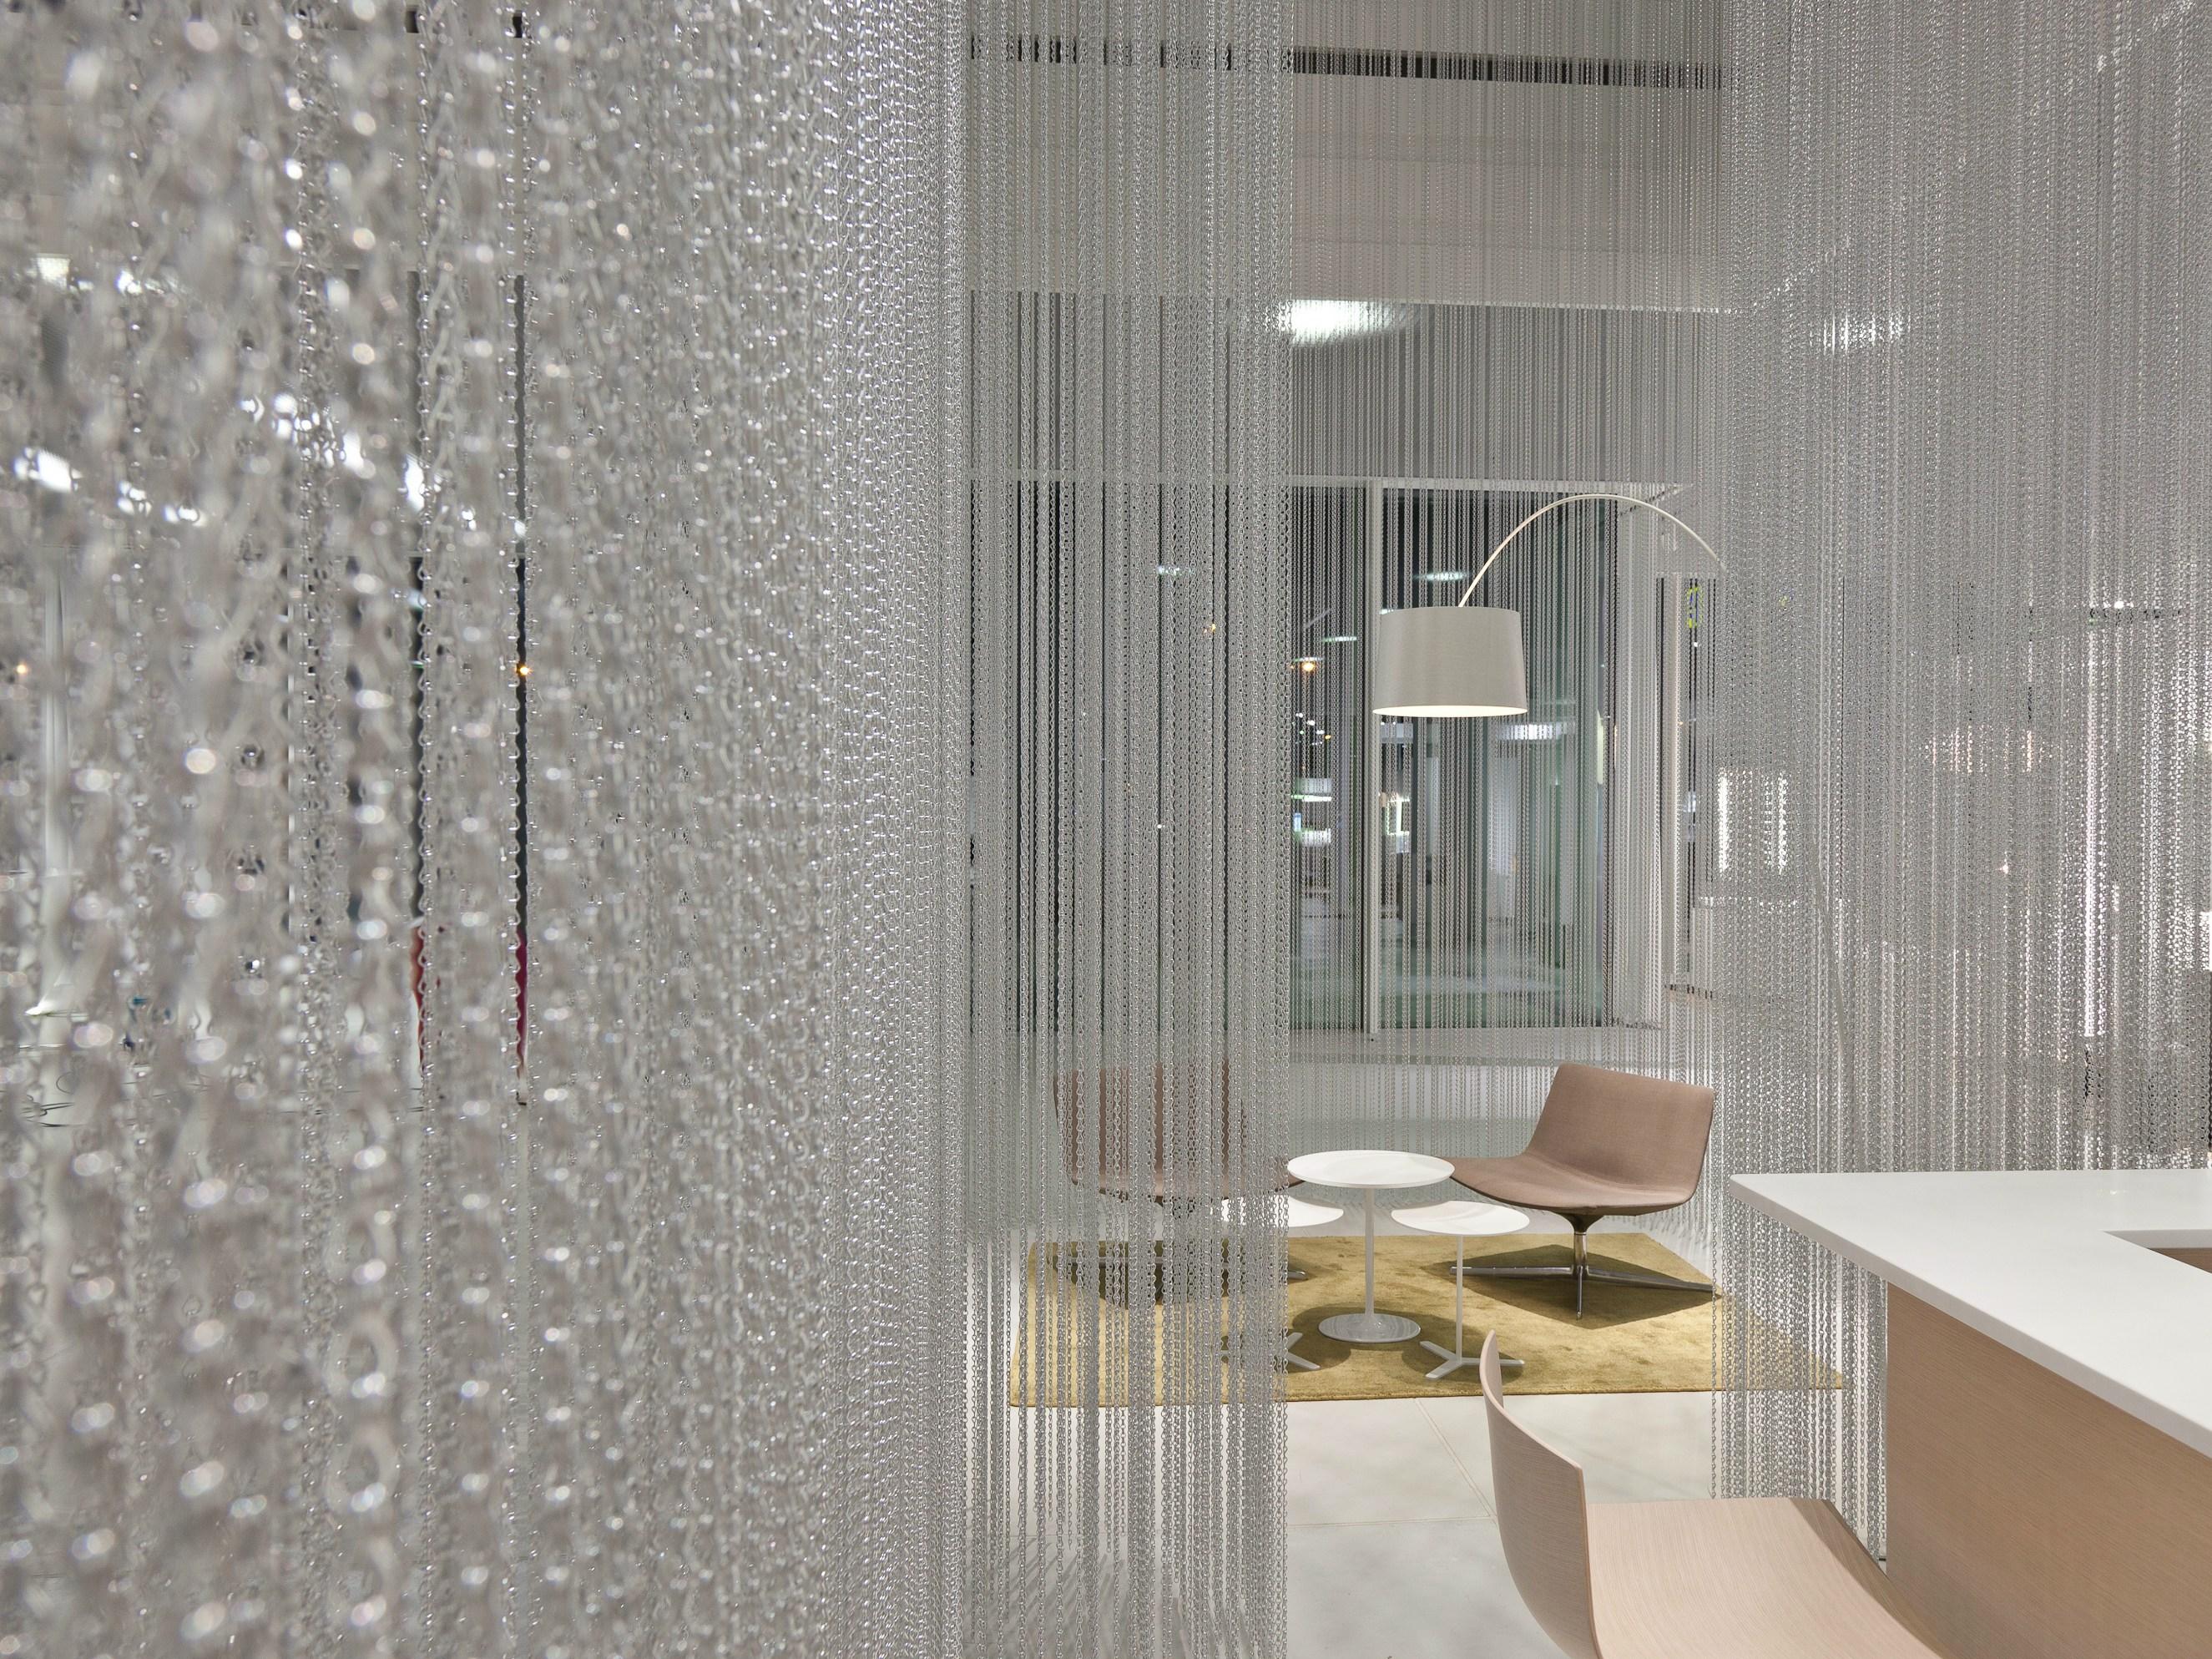 шторы из бусин идеи дизайн